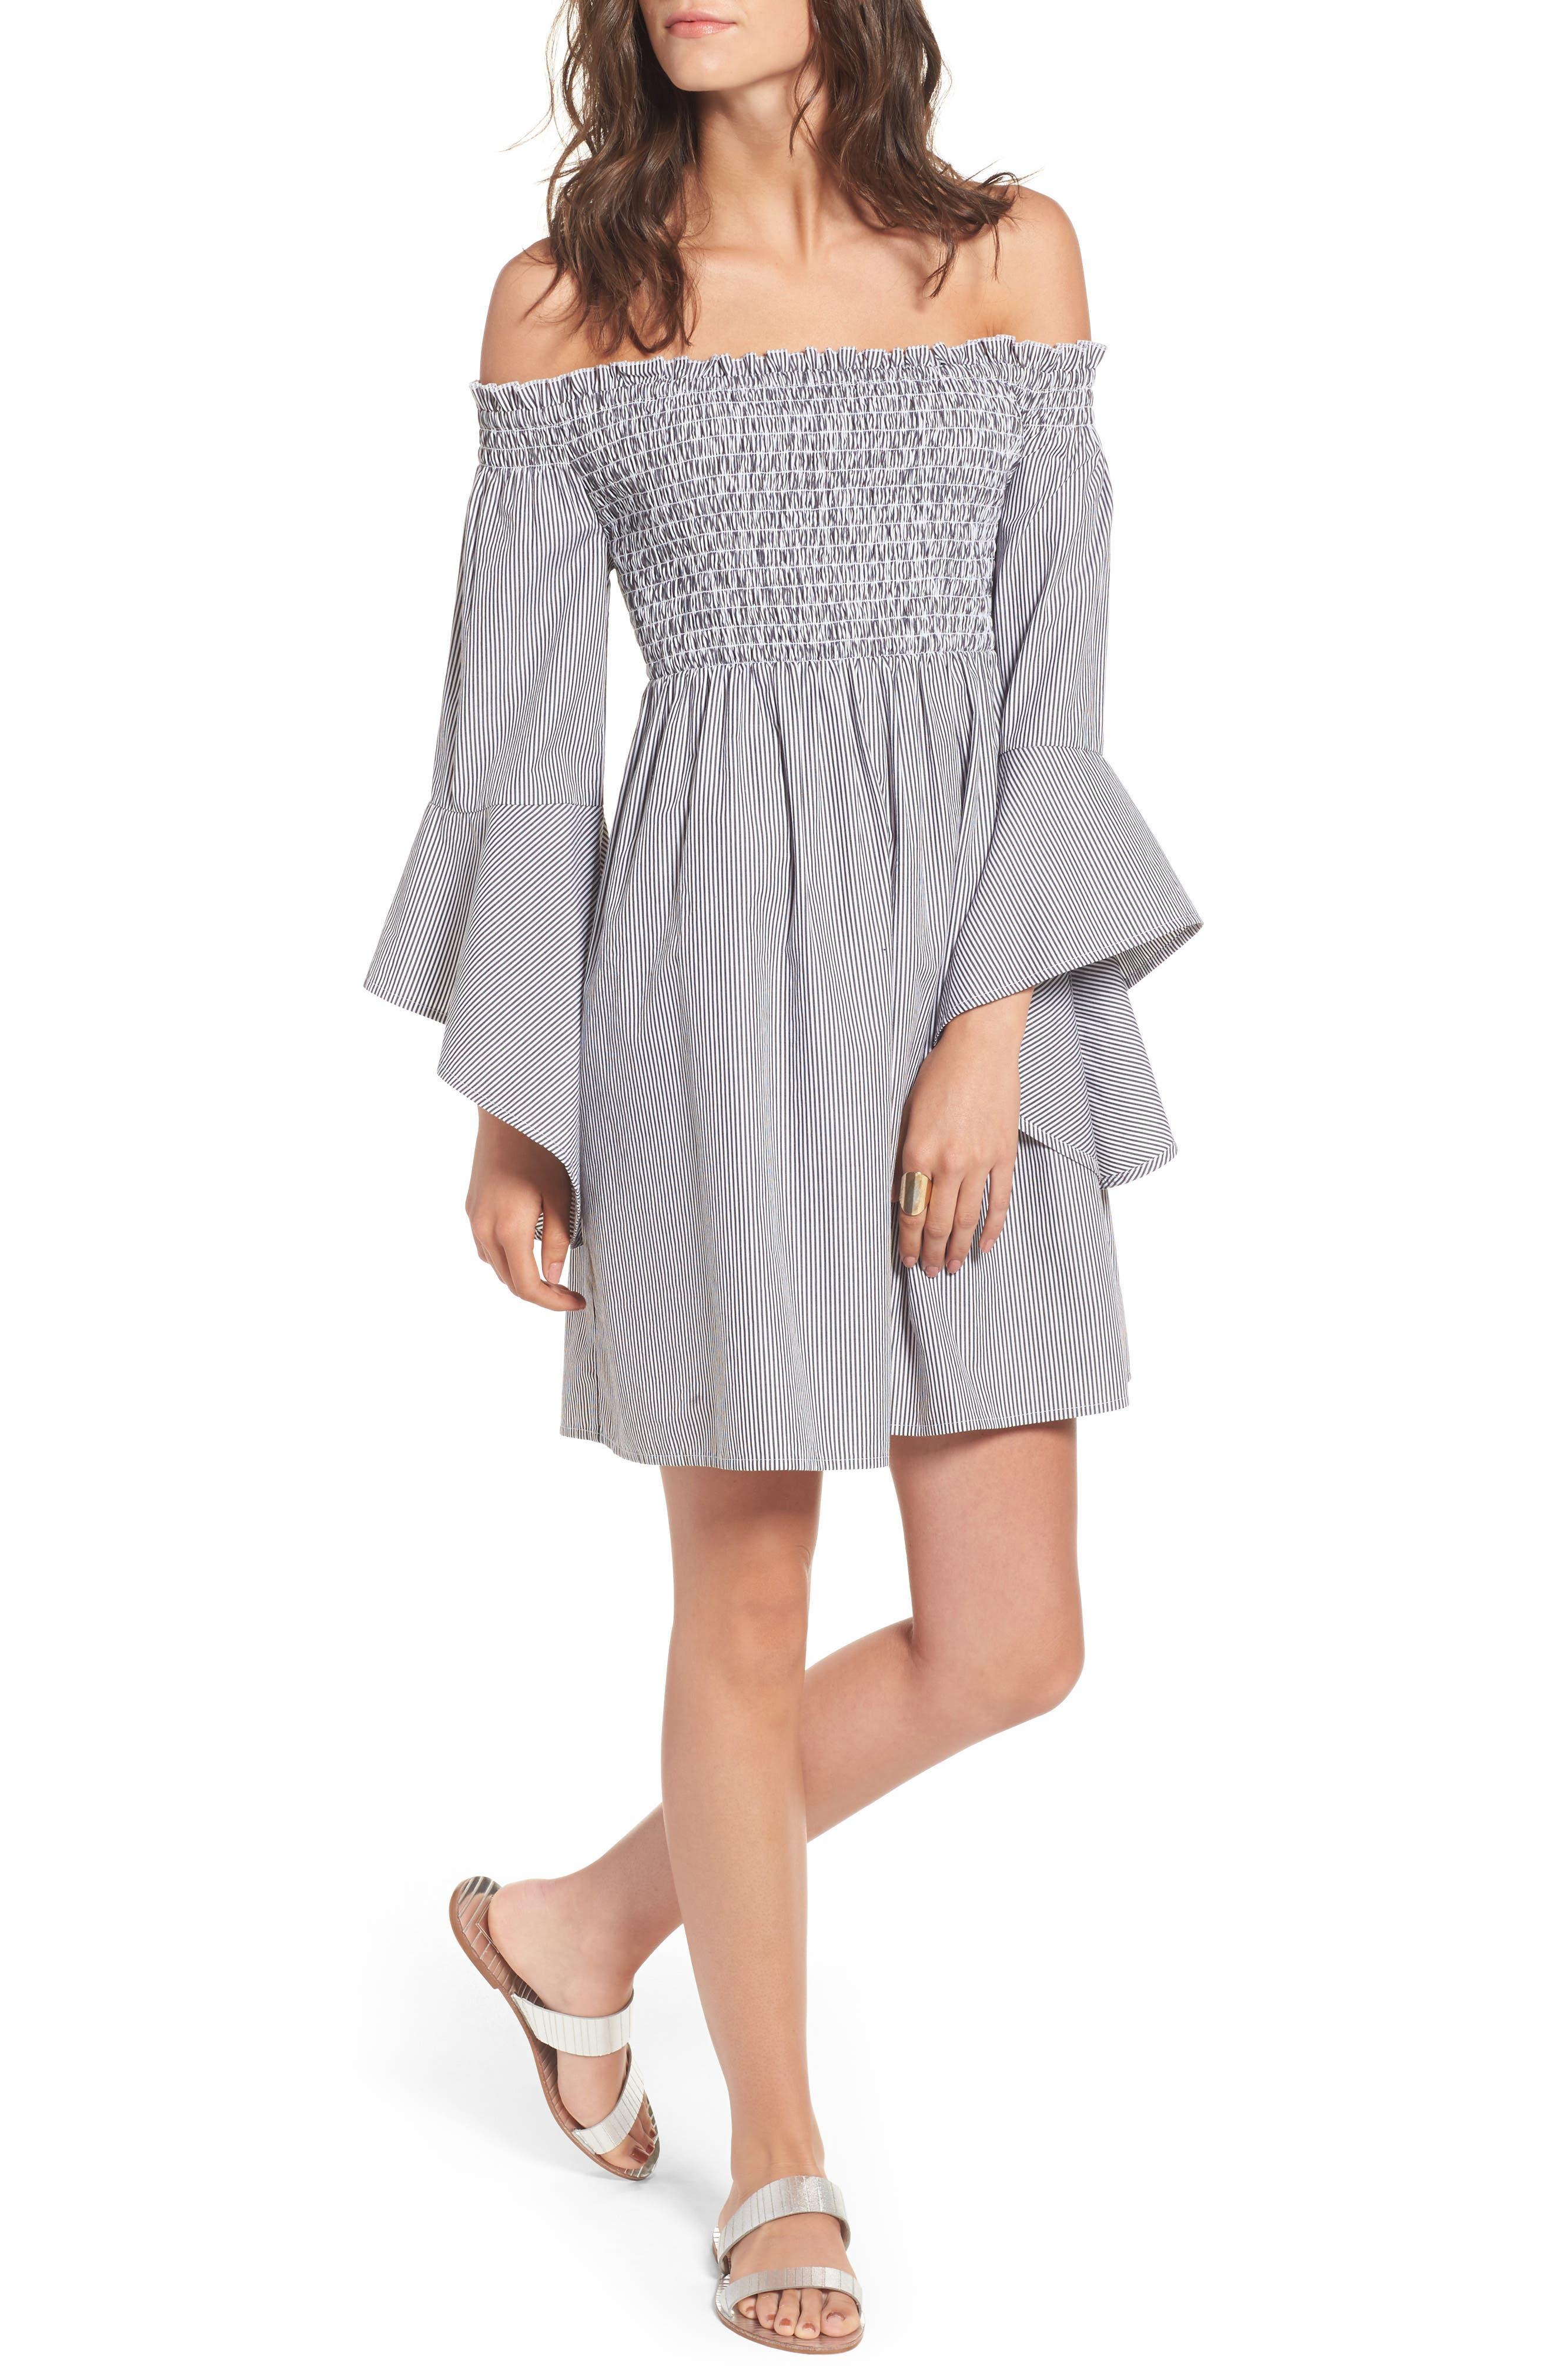 Alternate Image 1 Selected - BP. Smocked Off the Shoulder Dress